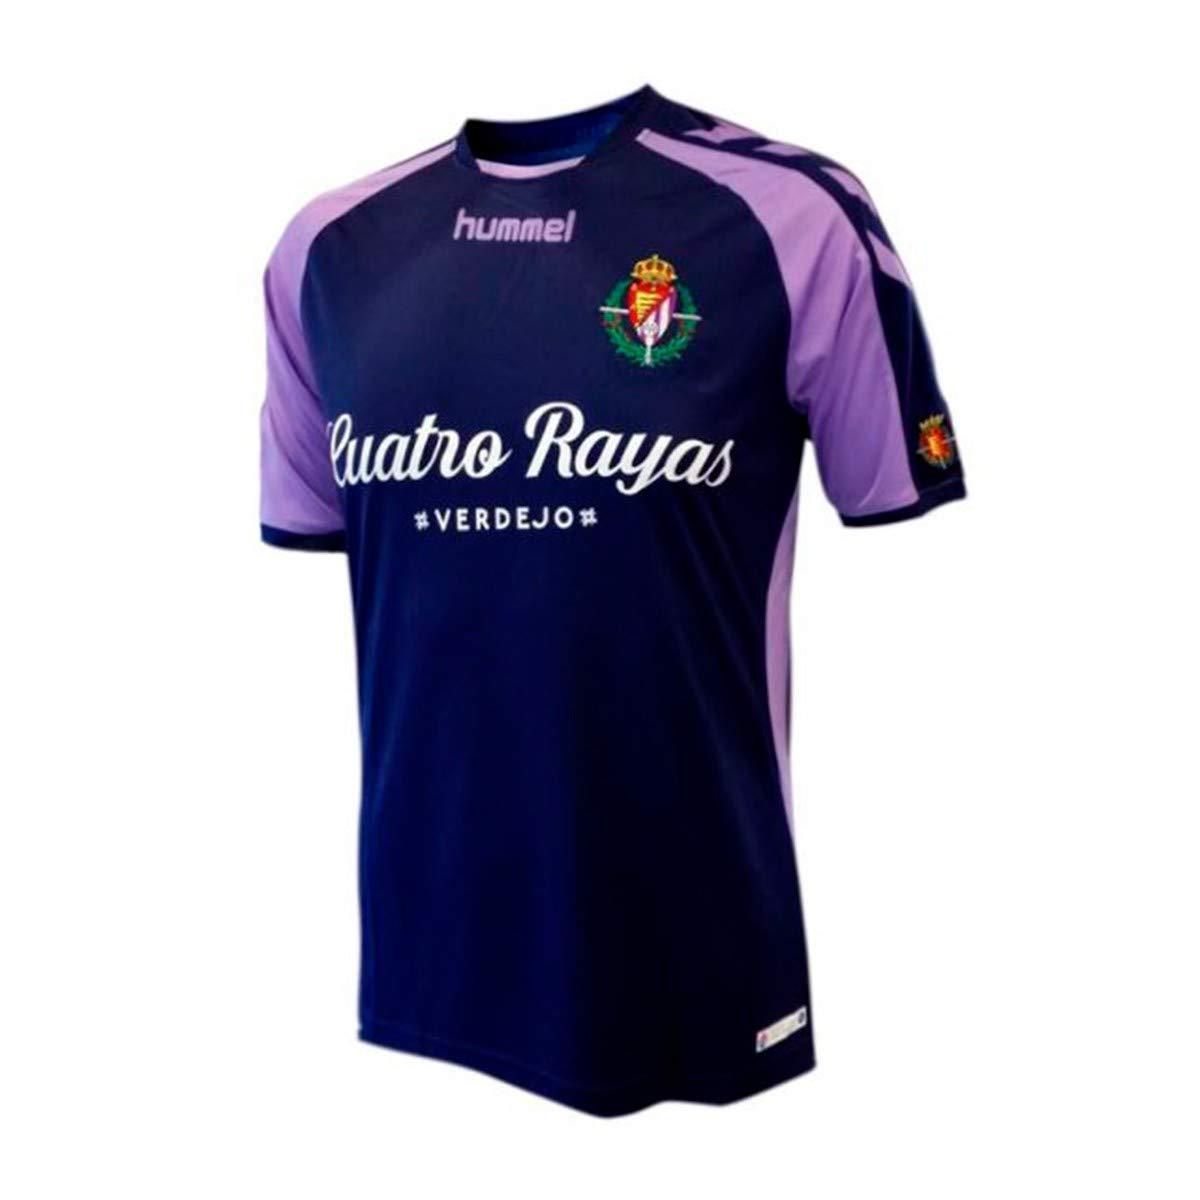 Hummel Real Valladolid CF Segunda Equipación 2018-2019, Camiseta, Marino-Violeta: Amazon.es: Deportes y aire libre